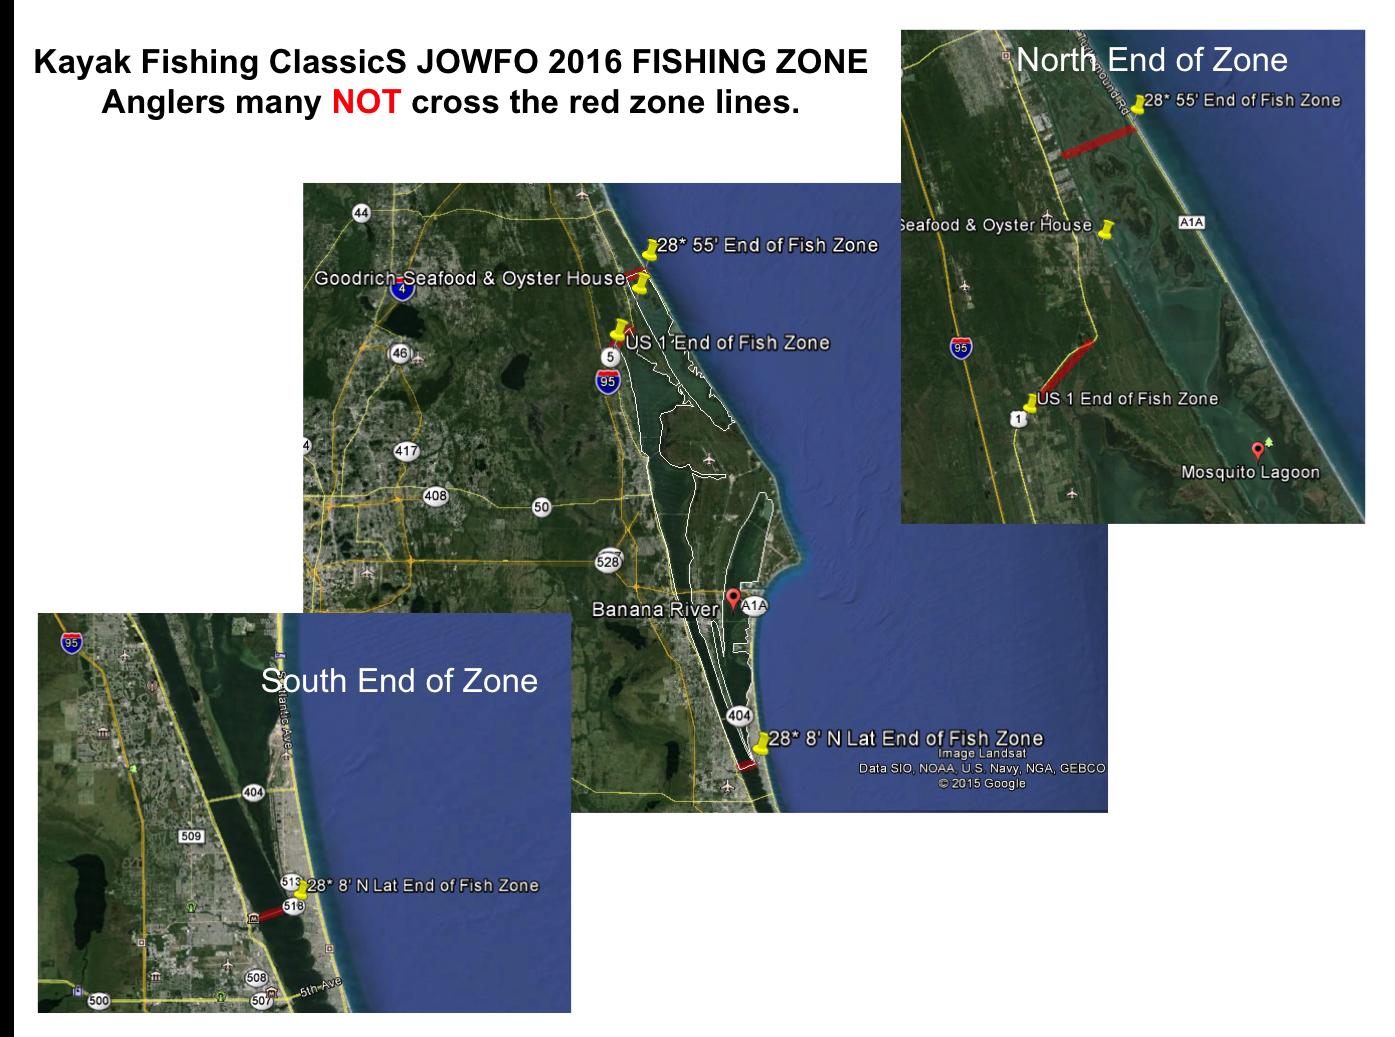 Kayak Fishing ClassicS Championship Classic - Fishing Zones